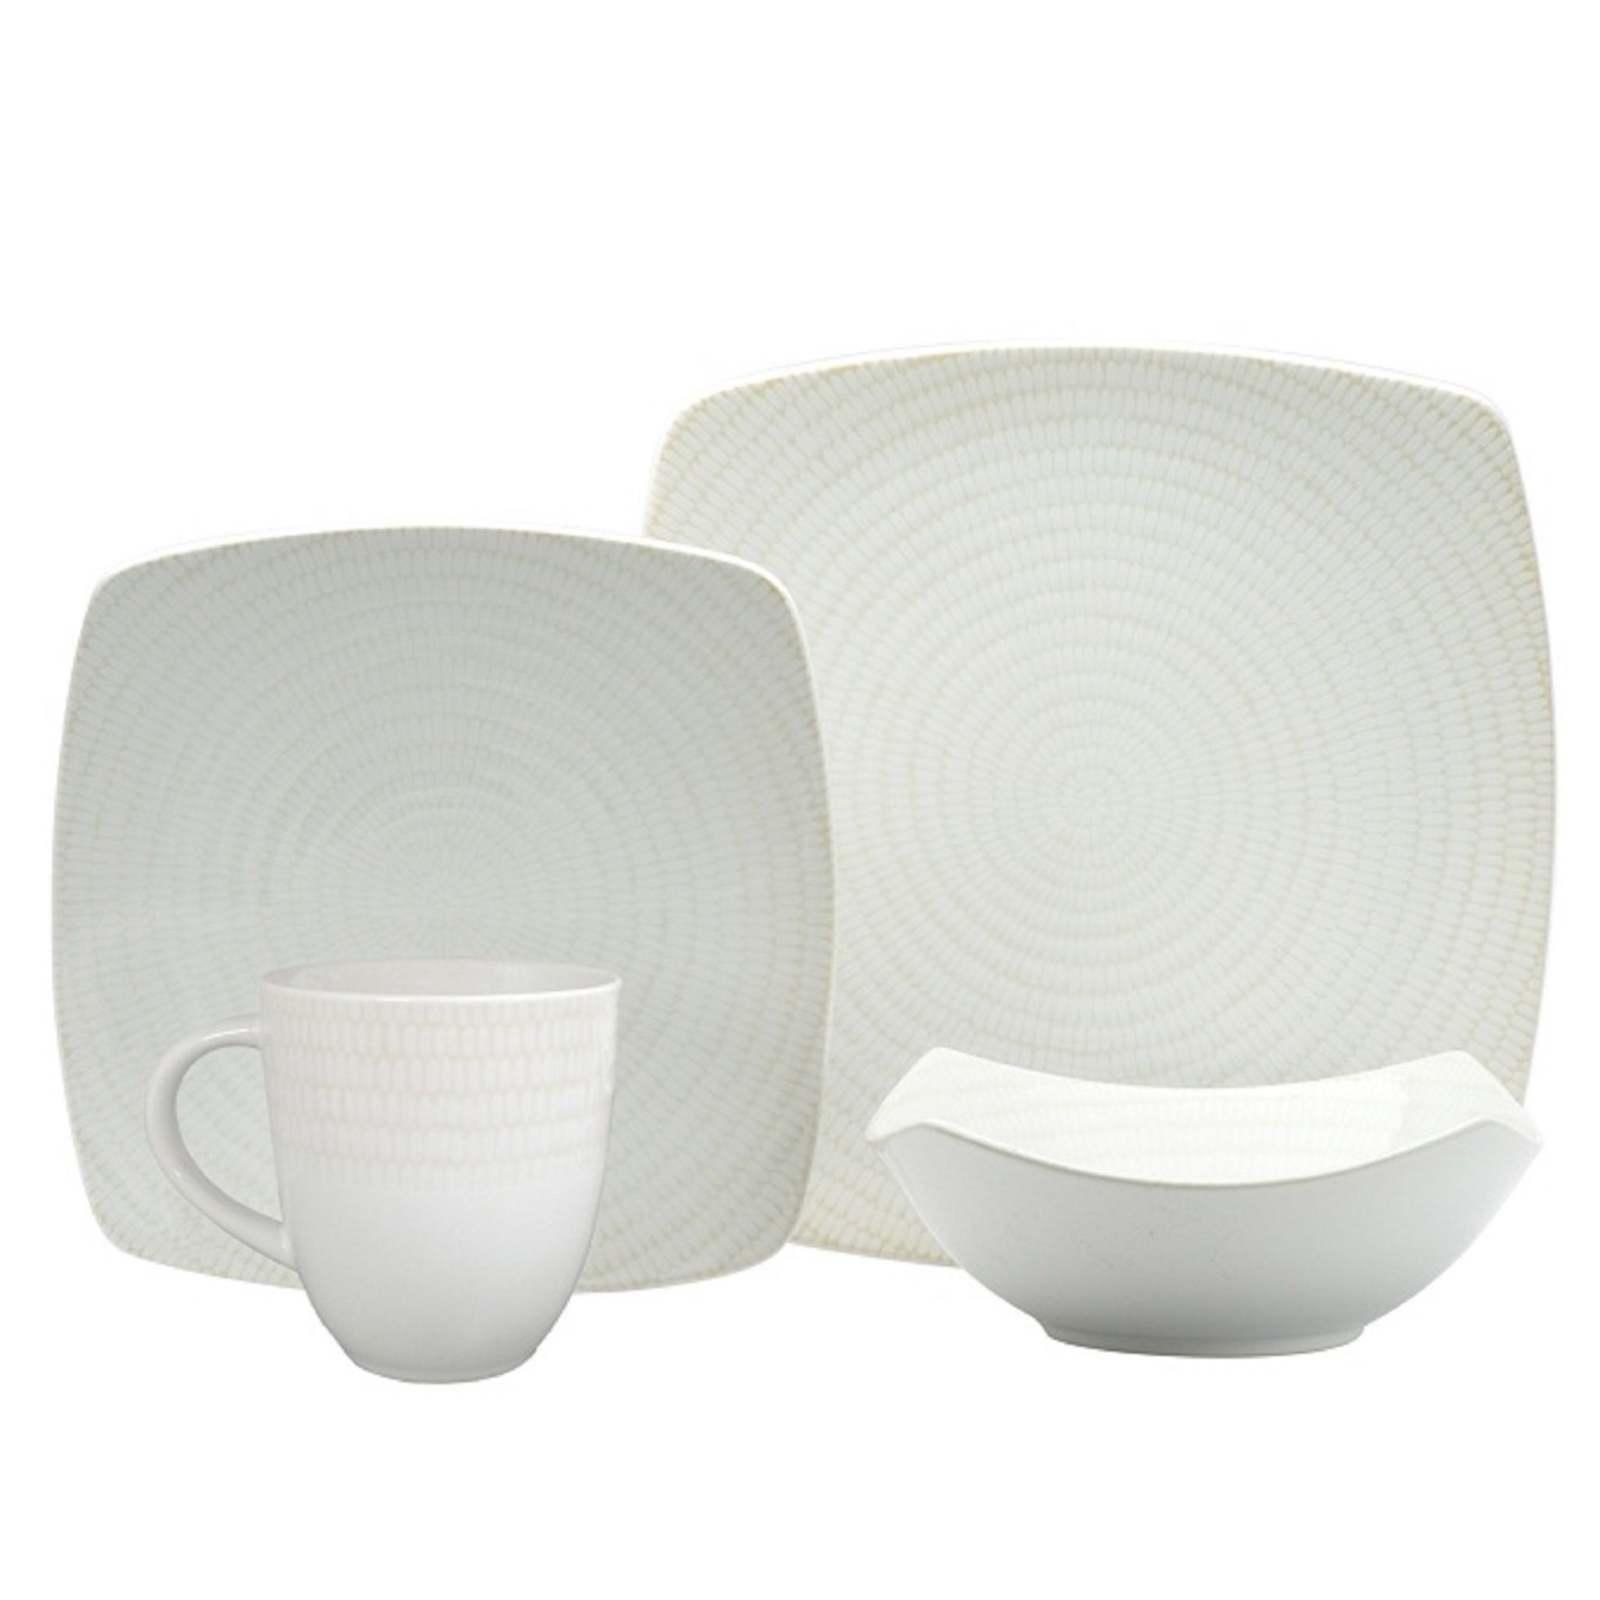 16-piece Kitchen Dinnerware Durable Dishwasher Safe